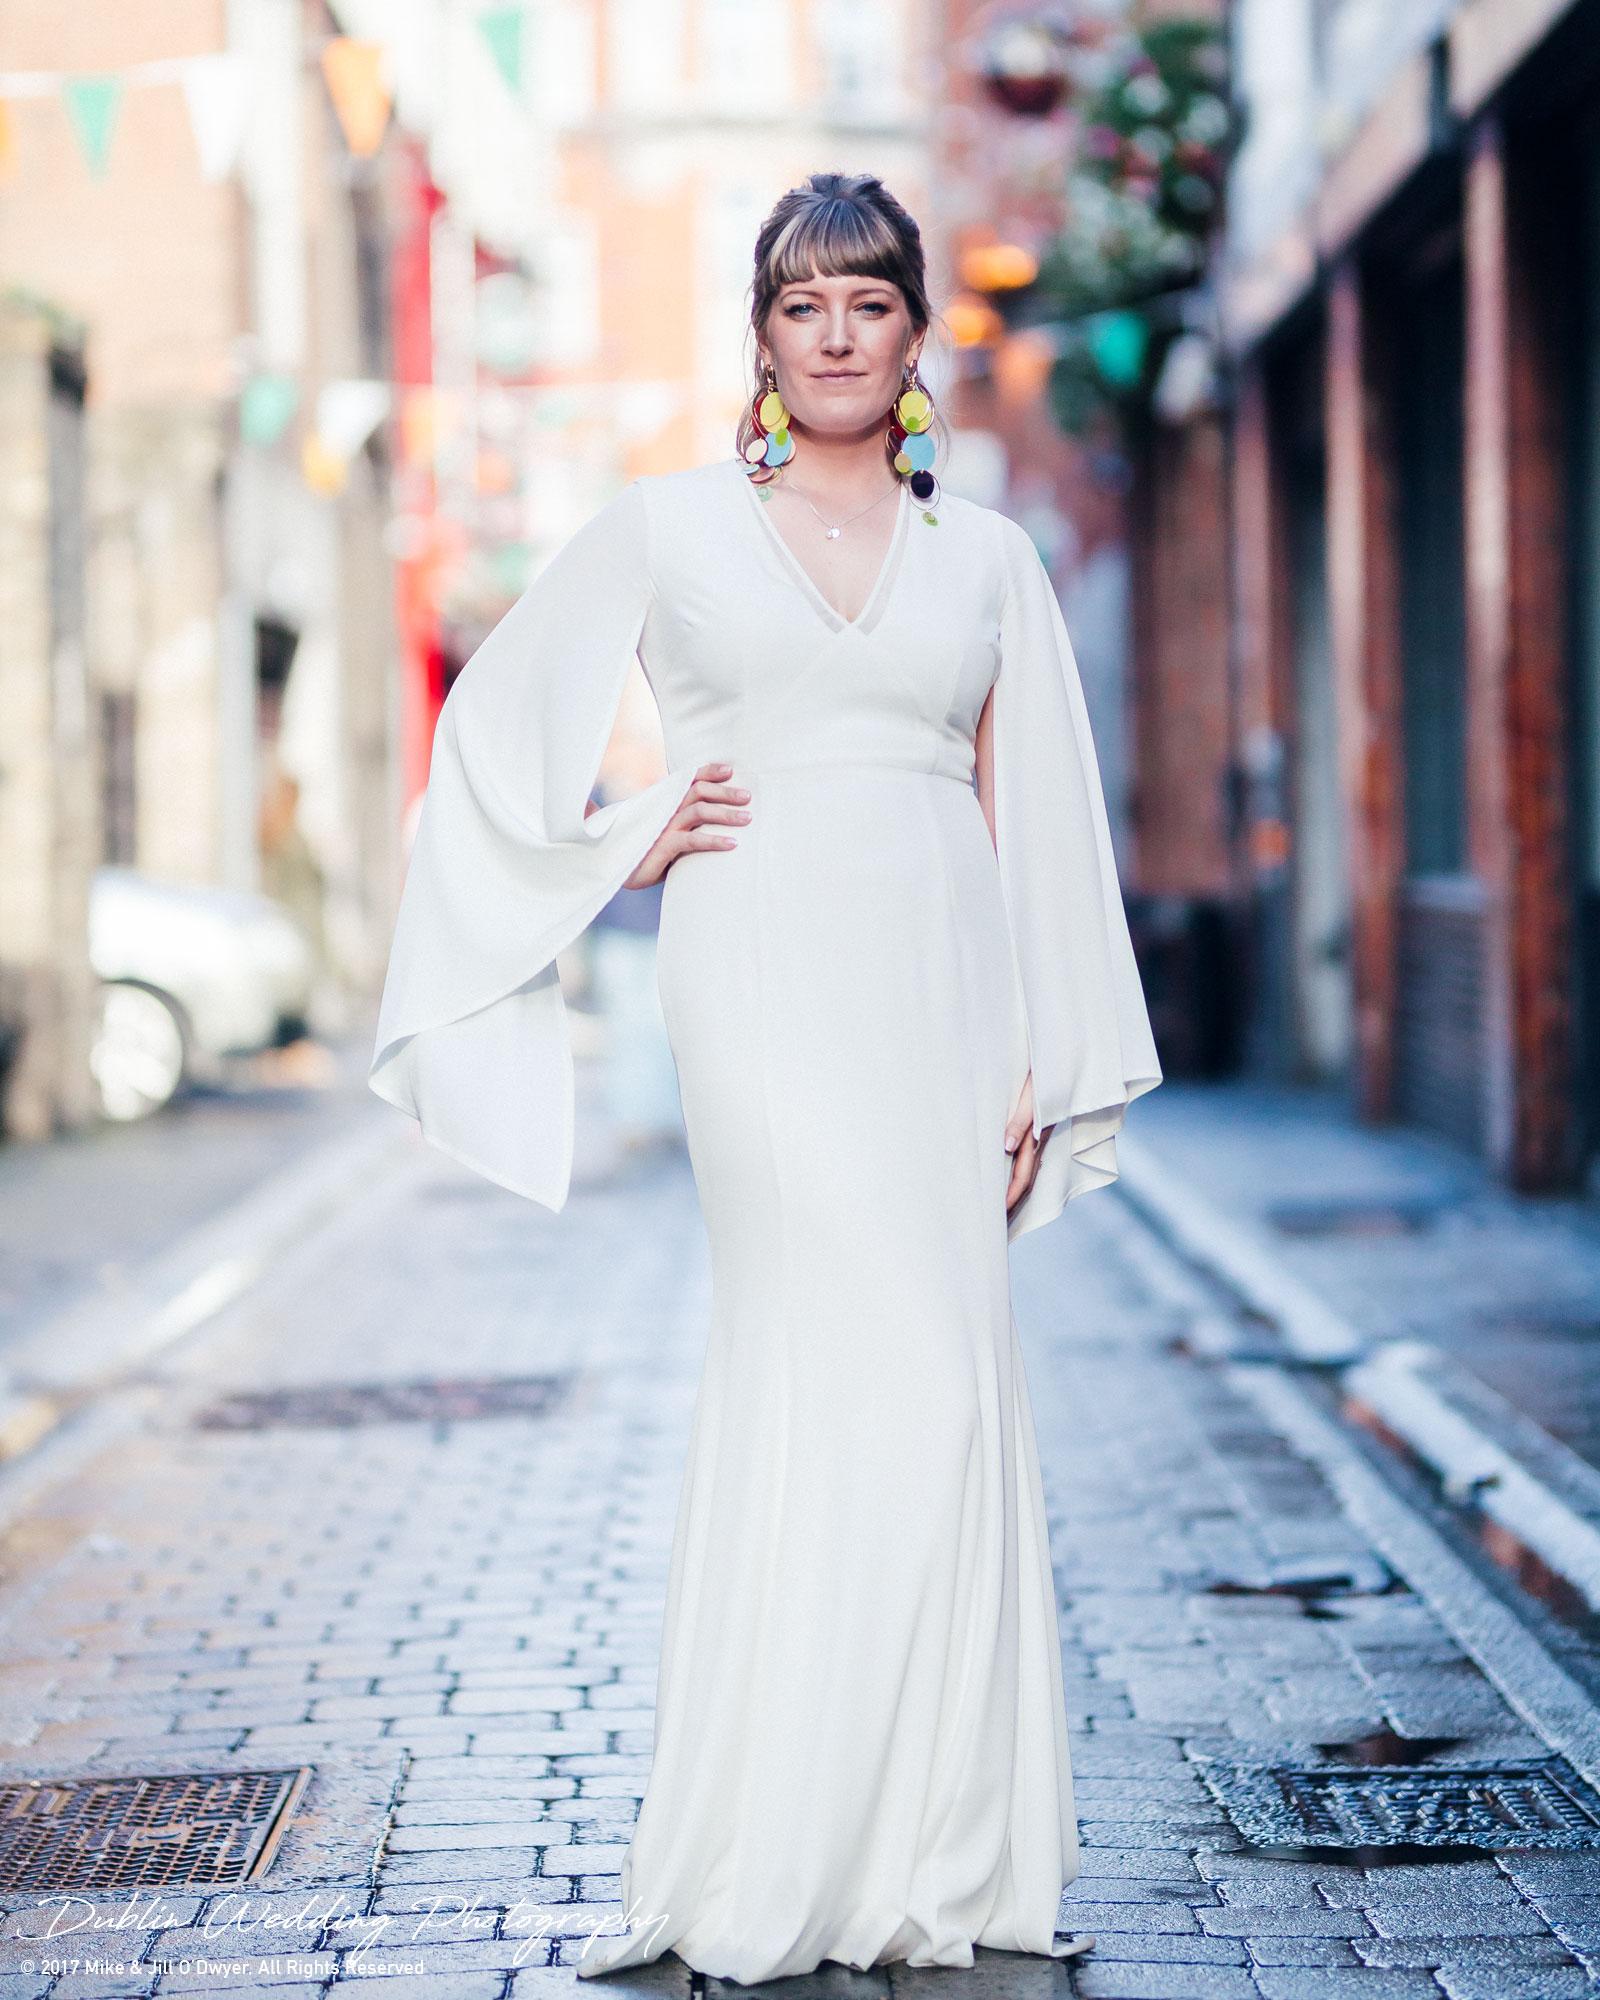 Dublin Wedding Photographer City Streets 081